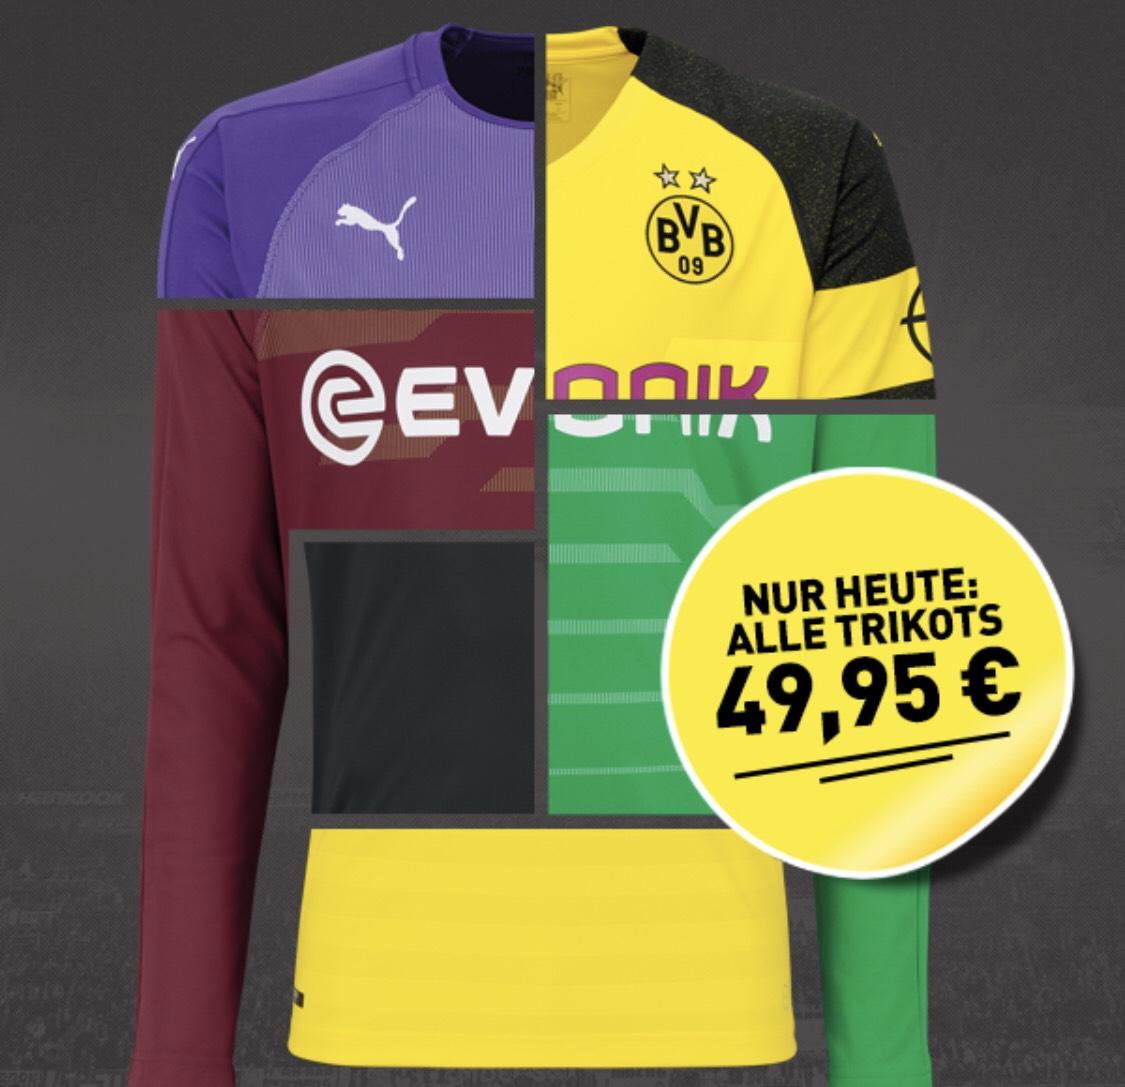 [BVB Fanshop] Heute alle Trikots von Borussia Dortmund für 49,95€